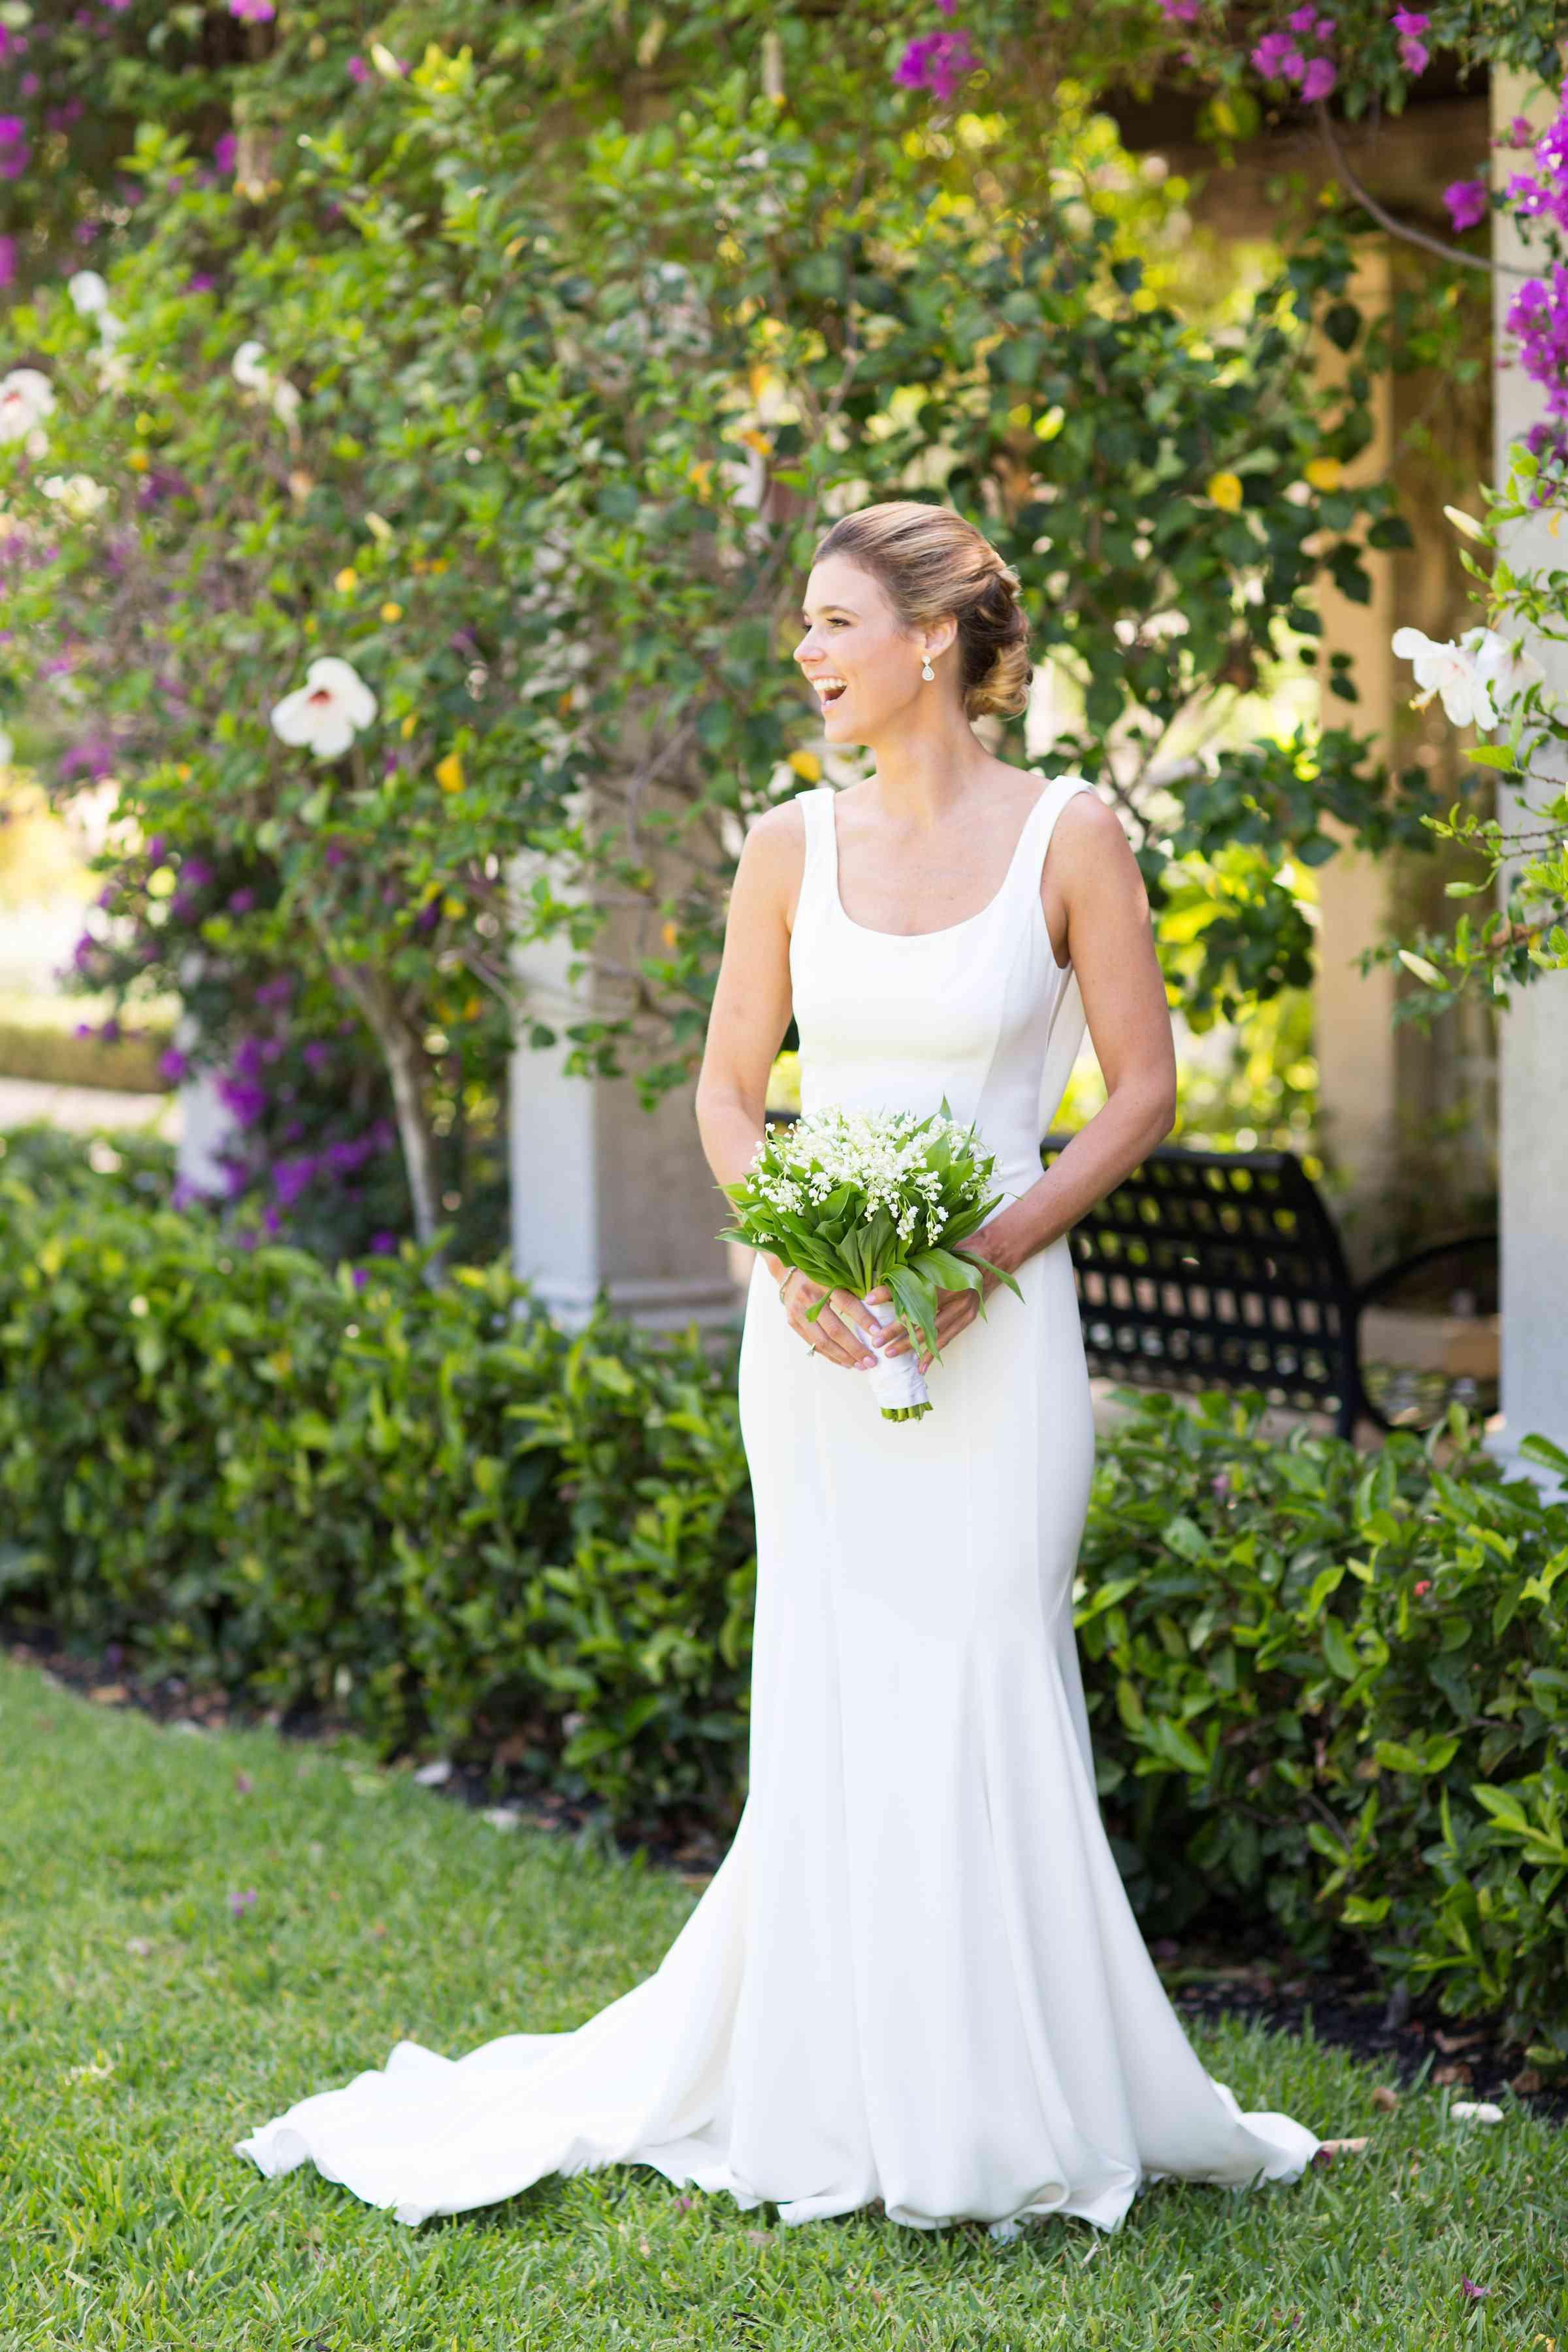 Solo bride holding bouquet